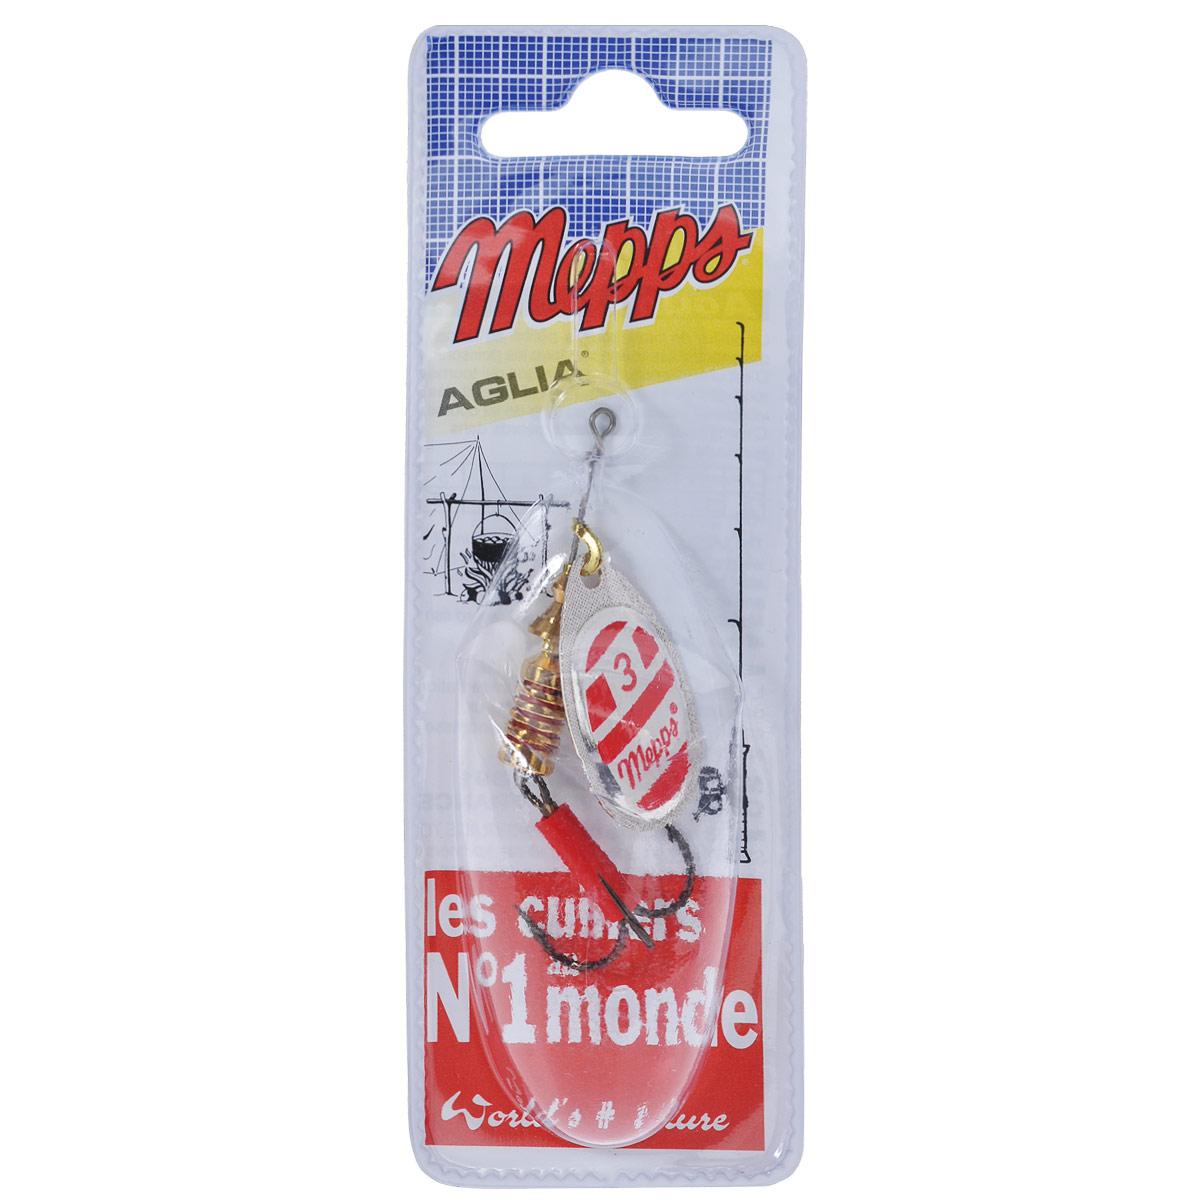 Блесна Mepps Aglia Blanc Rouge AG, вращающаяся, №3, 6,5 г5738Вращающая блесна Mepps Aglia Blanc Rouge AG - одна из первых блесен французского производства. При вращении угол отклонения лепестка от оси составляет 60°. Блесна в основном предназначена для водоемов со слабым течением, или «стоячей» водой. Благодаря своей превосходно выверенной механике, она начинает послушно вращаться, лишь только коснется воды. Конус вращения адаптируется к силе течения, что позволяет ей создавать вибрации, наиболее привлекательные для хищников. Обладает устойчиво-ровным движением (поведением) в воде - при различных способах и скоростях проводки. Блесна Mepps AGLIA - очень популярная классическая модель. Рекомендуется при ловле форели, окуня, голавля, жереха, язя, как крупных, так и меньшего размера.